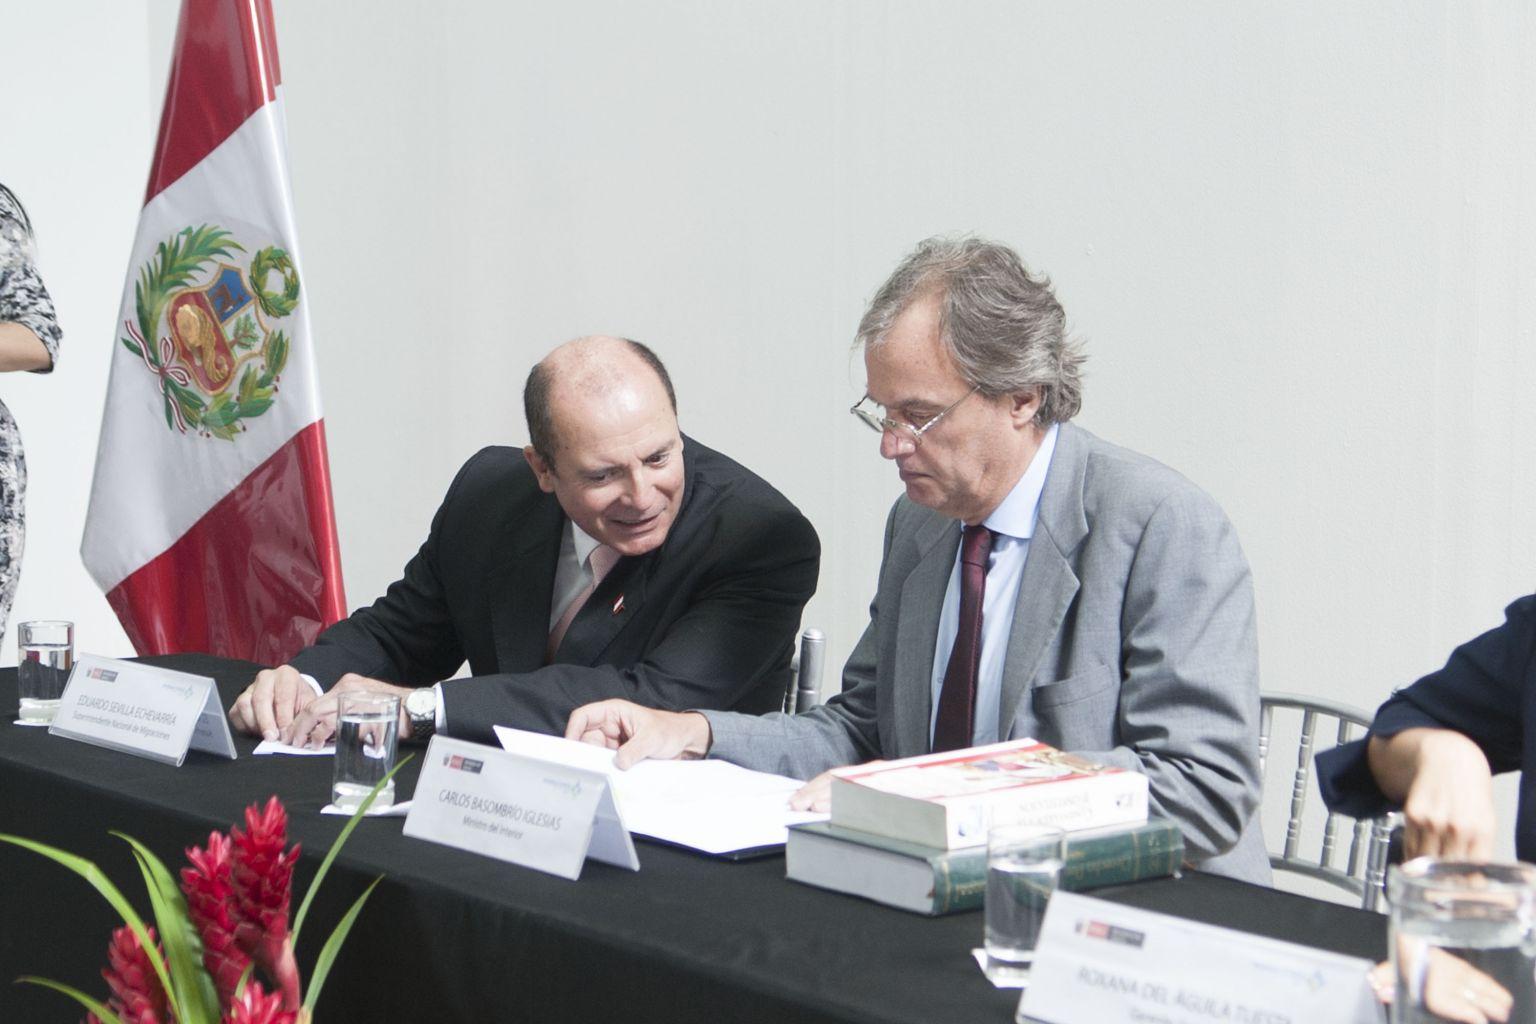 Mininter inaugur sala de la nacionalidad peruana en sede for Nombre del ministro de interior